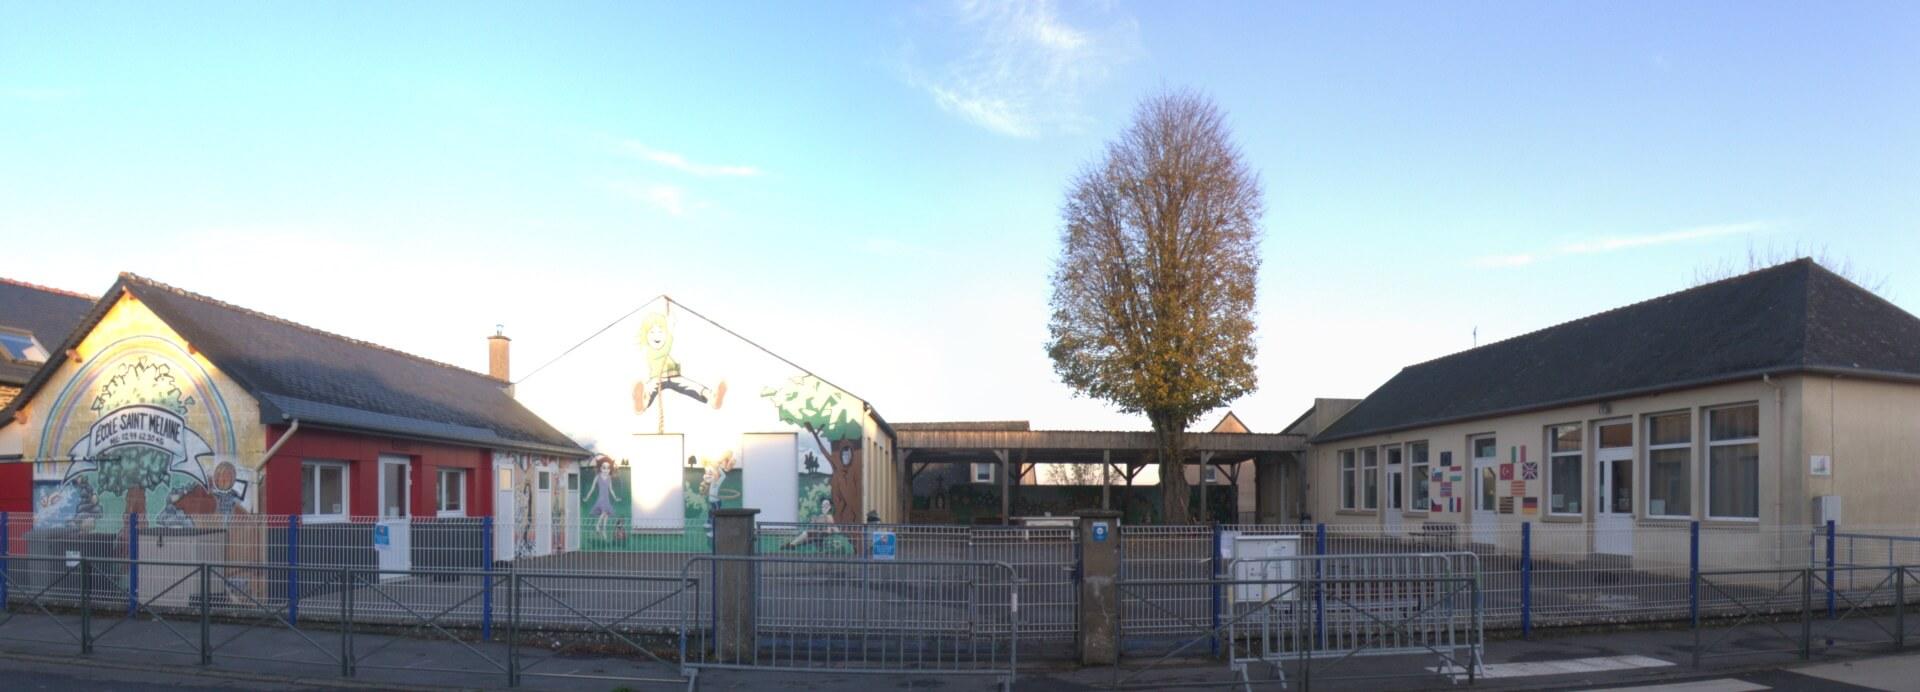 Ecole privée Saint Melaine